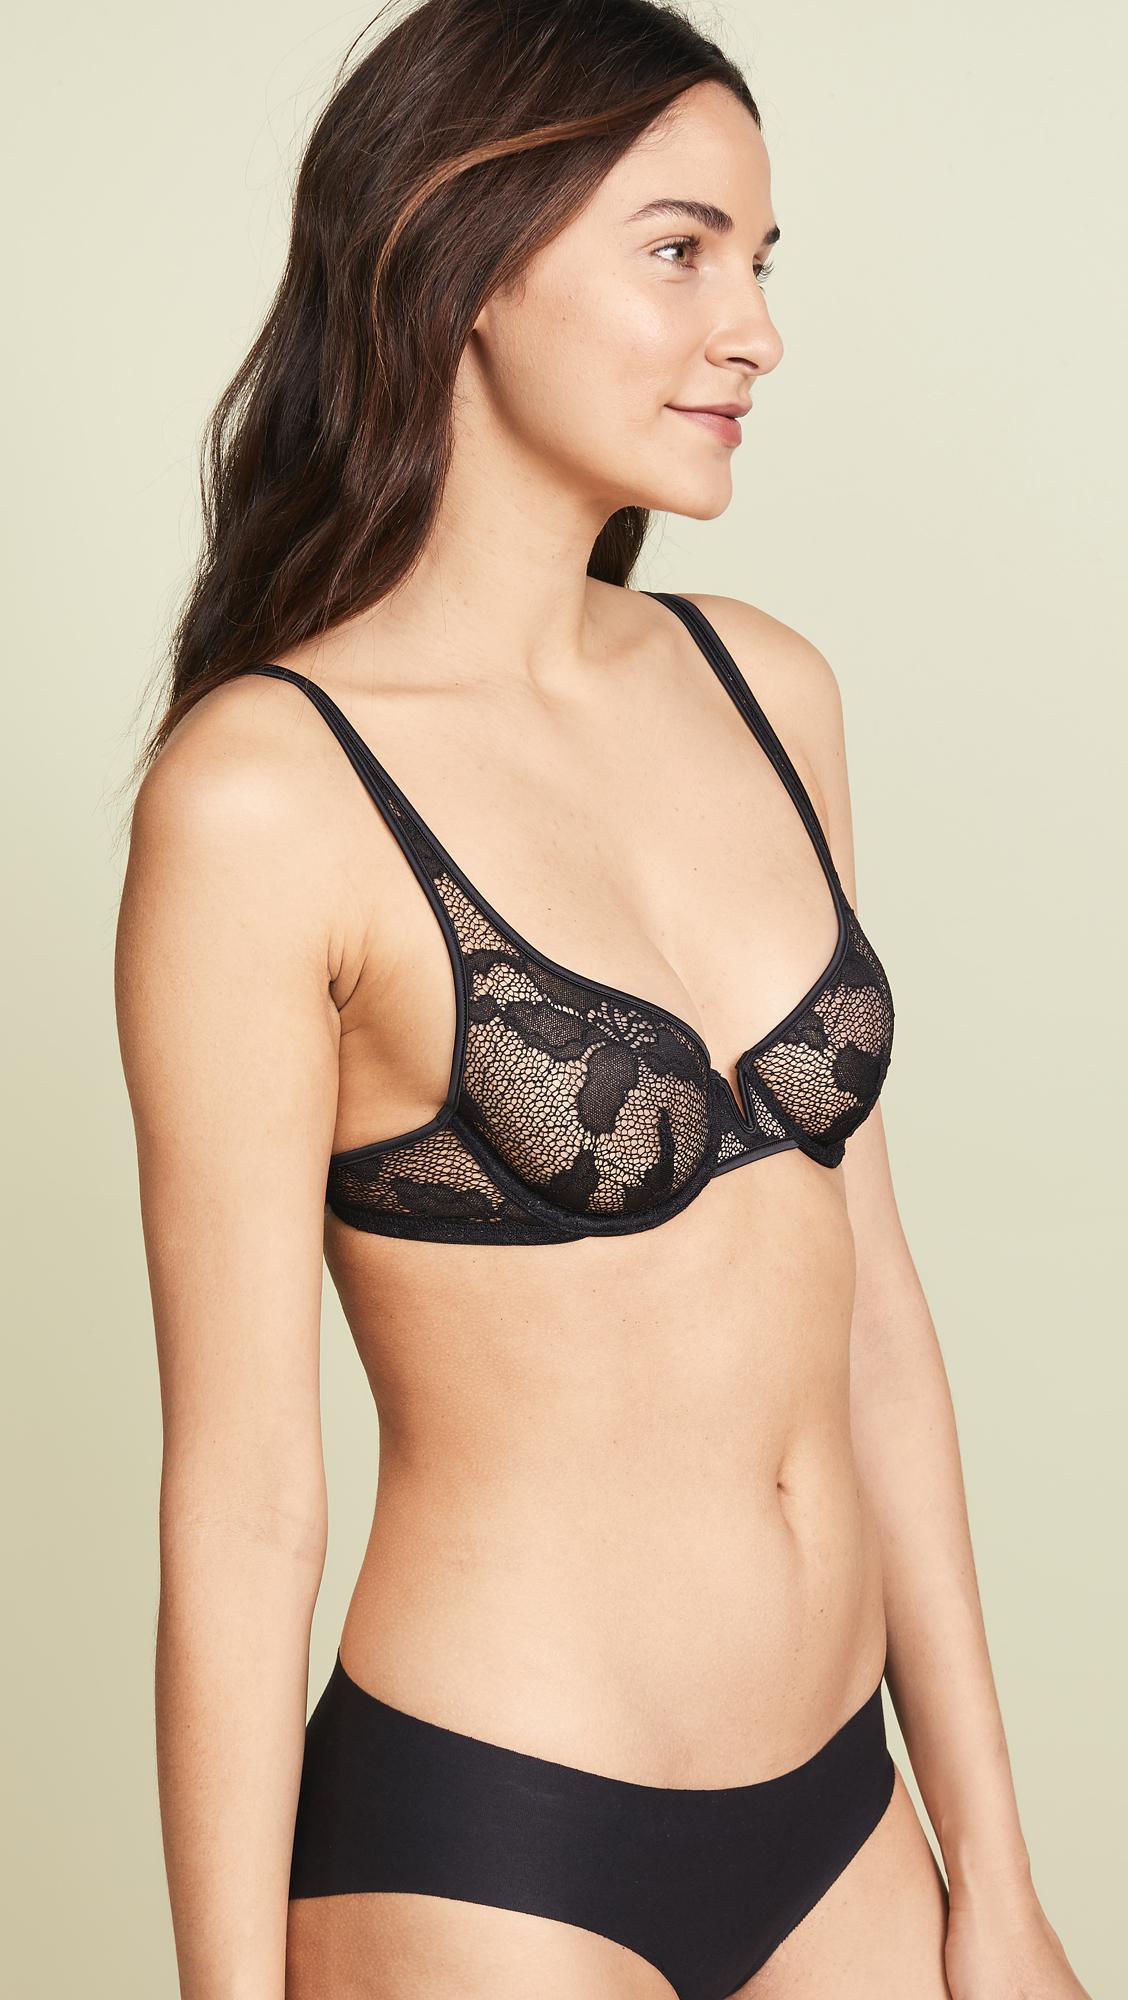 f93310e7672 Calvin Klein Underwear CK Black Lily Lace Unlined Balconette Bra ...